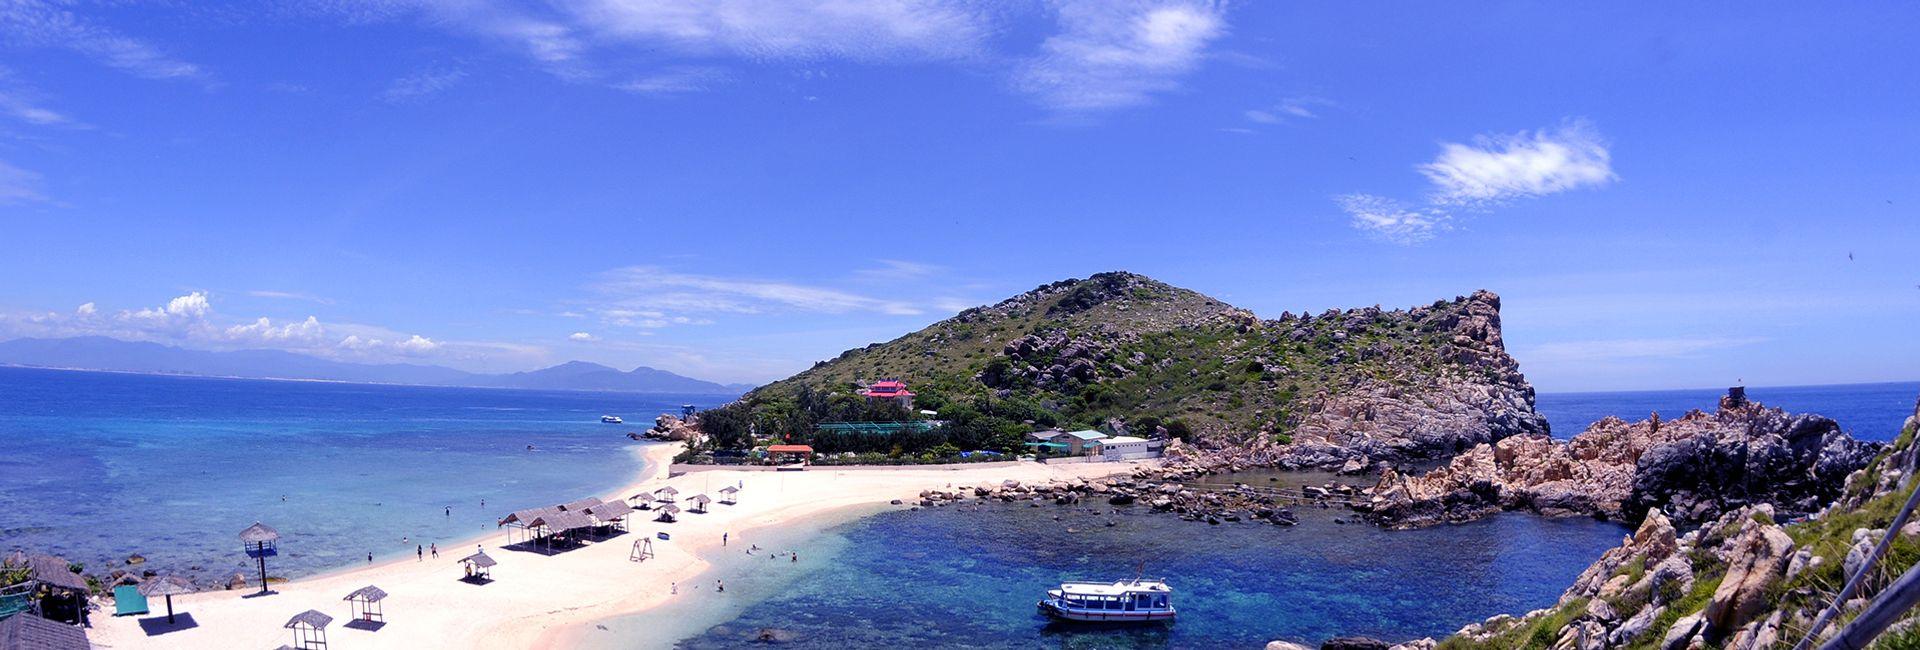 Khám phá Đảo Yến - hòn đảo đẹp nhất Nha Trang